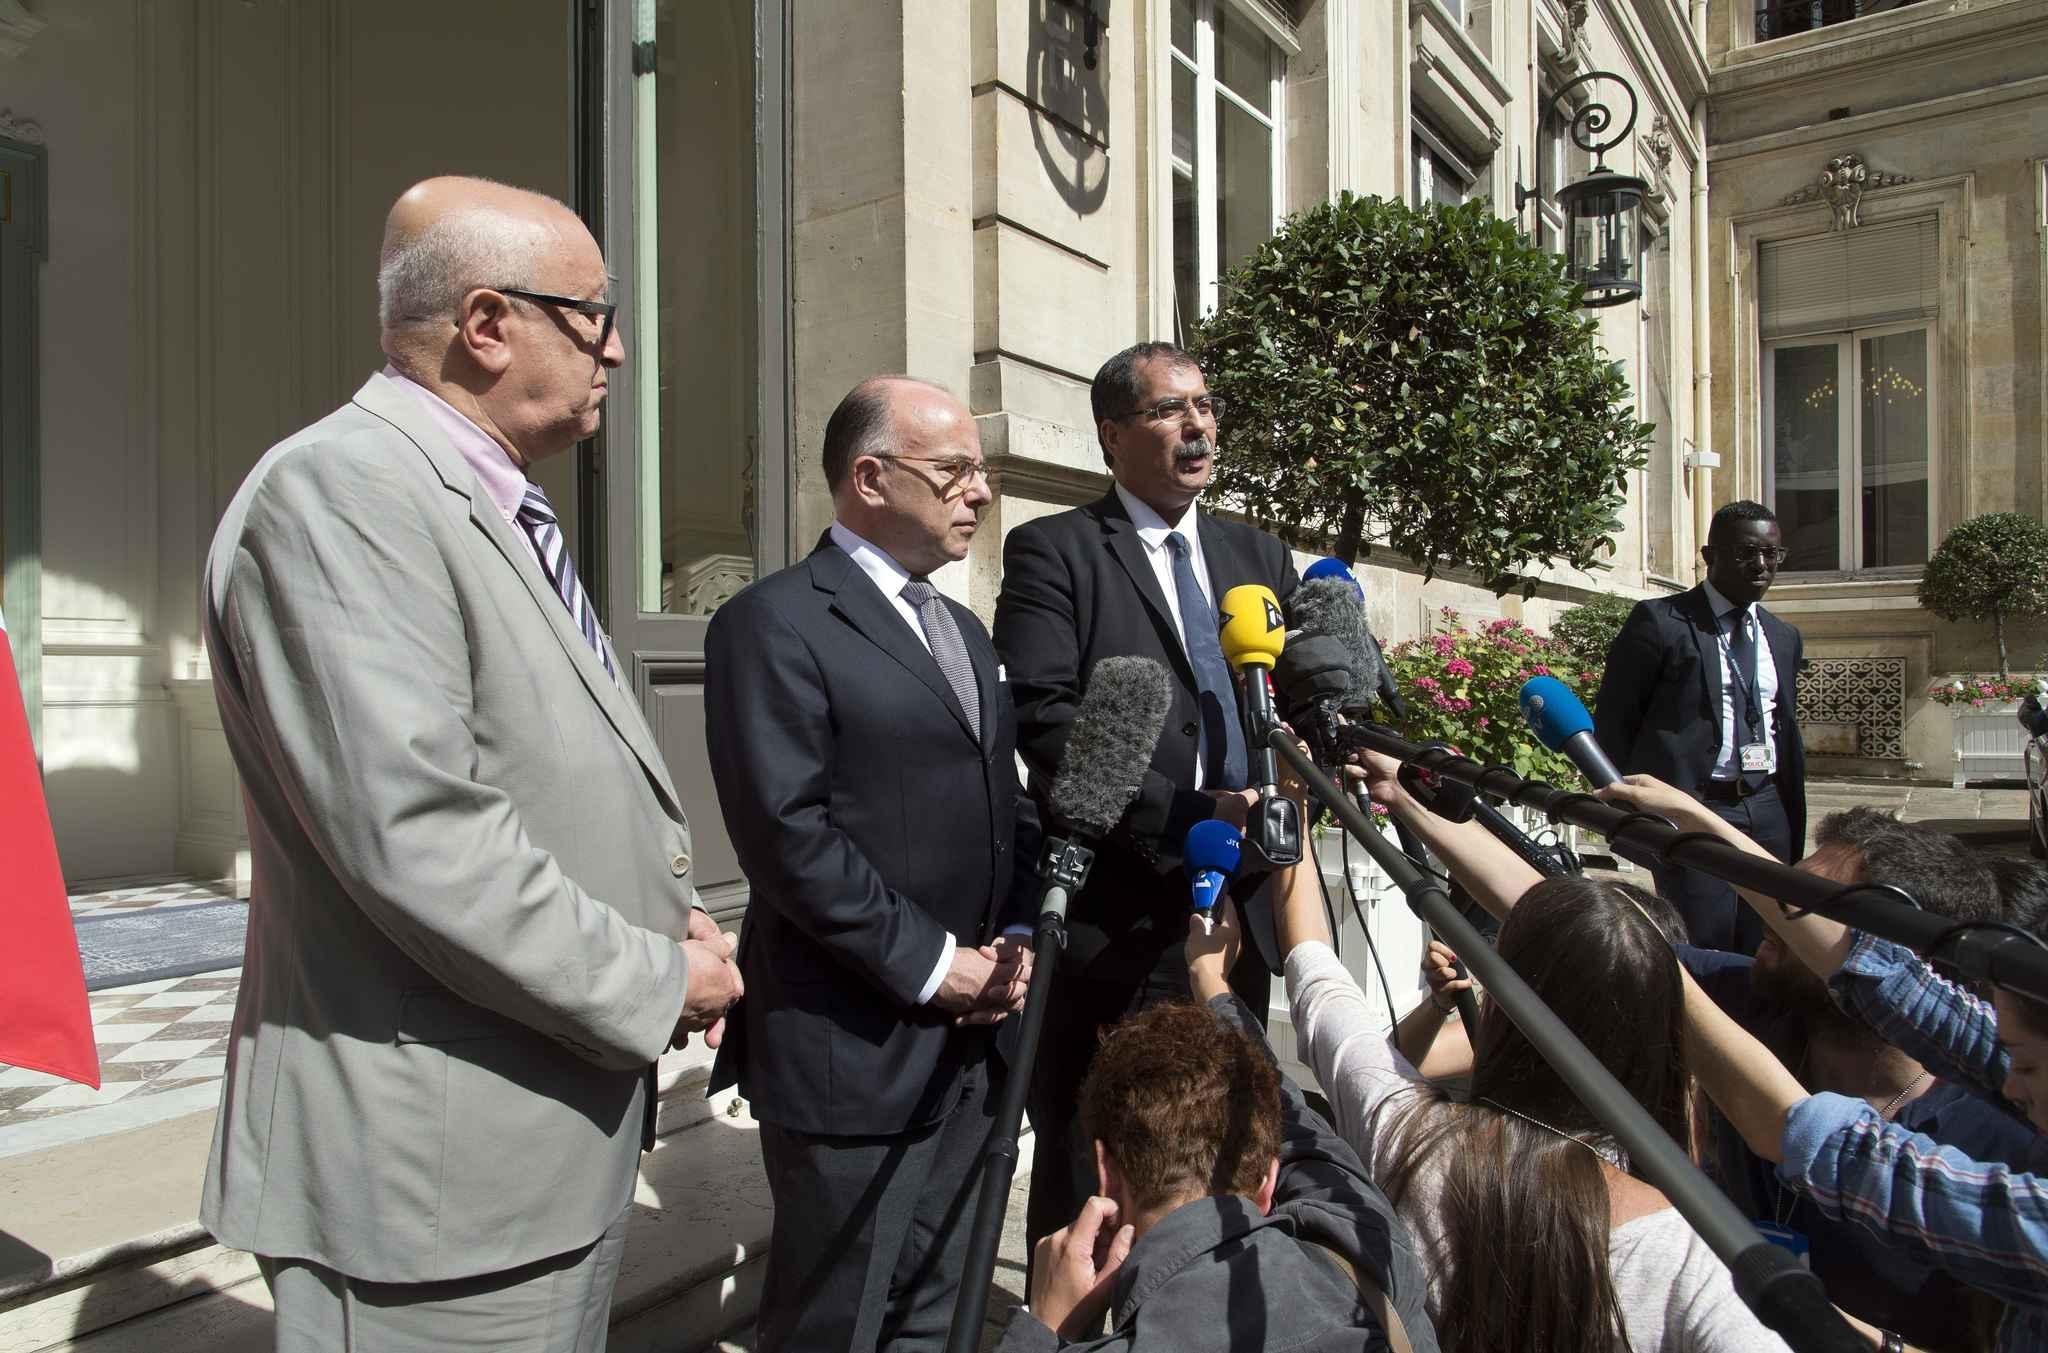 Zekri, Cazeneuve et Kbibech. L'islam suscite un débat passionné en France. D. R.